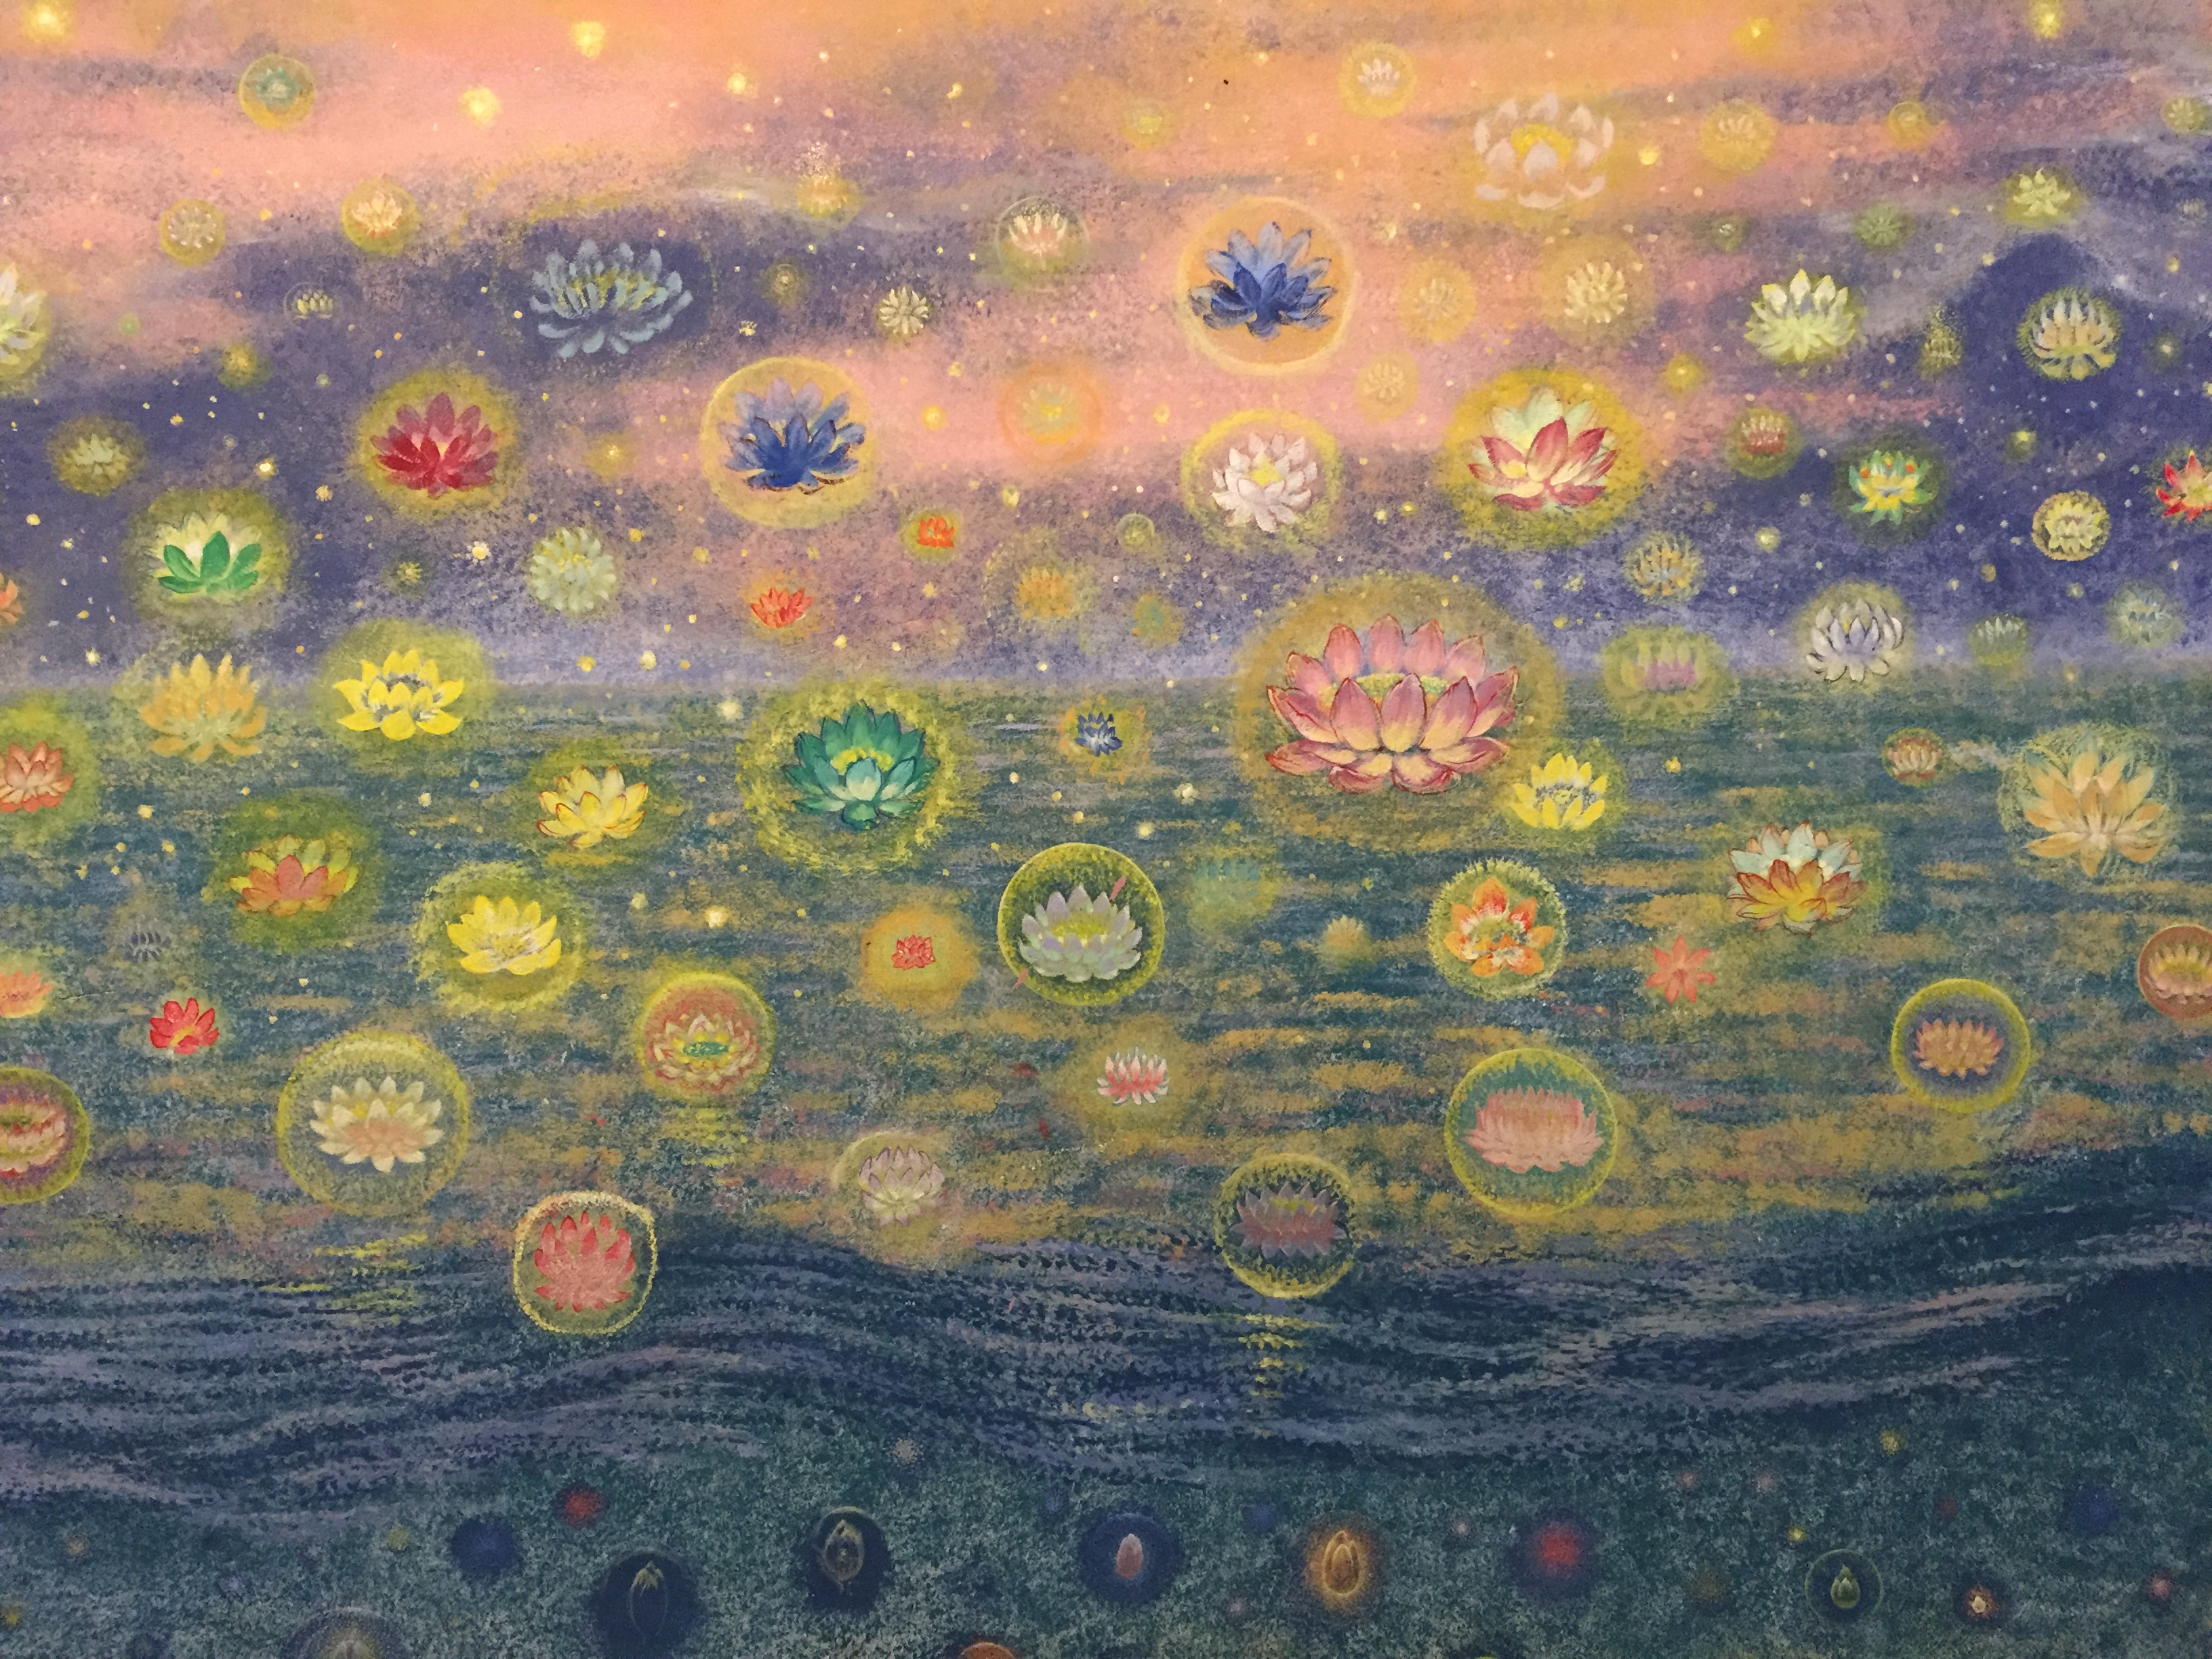 paintings_2.jpg